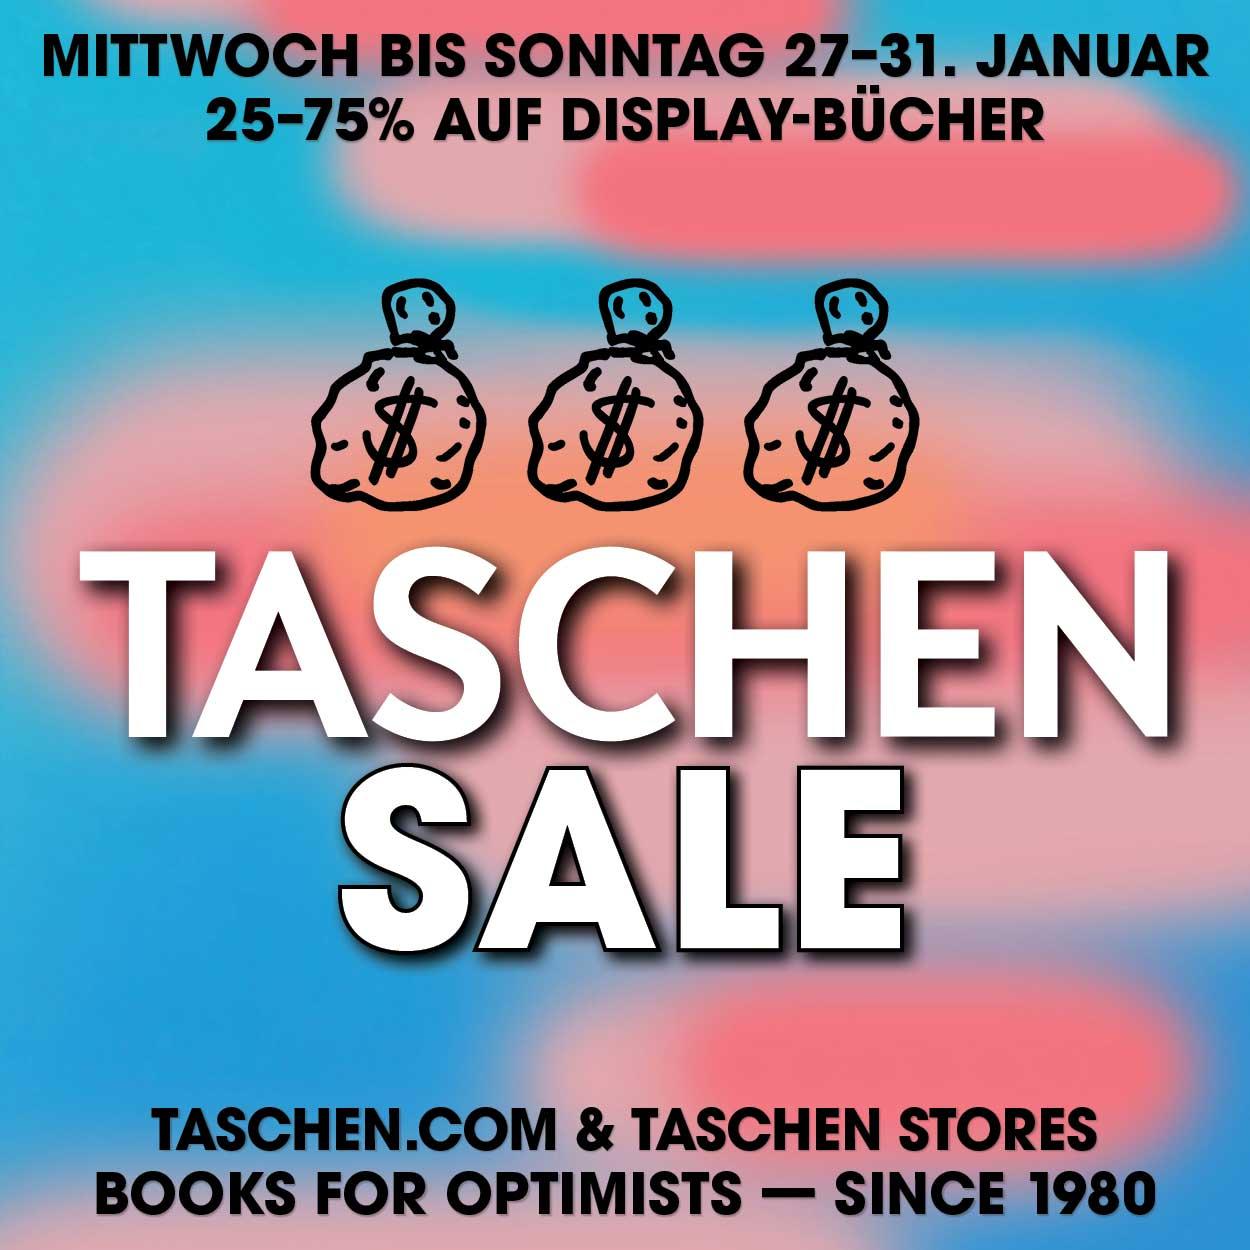 TASCHEN Verlag Sale, Sale beim TASCHEN Verlag